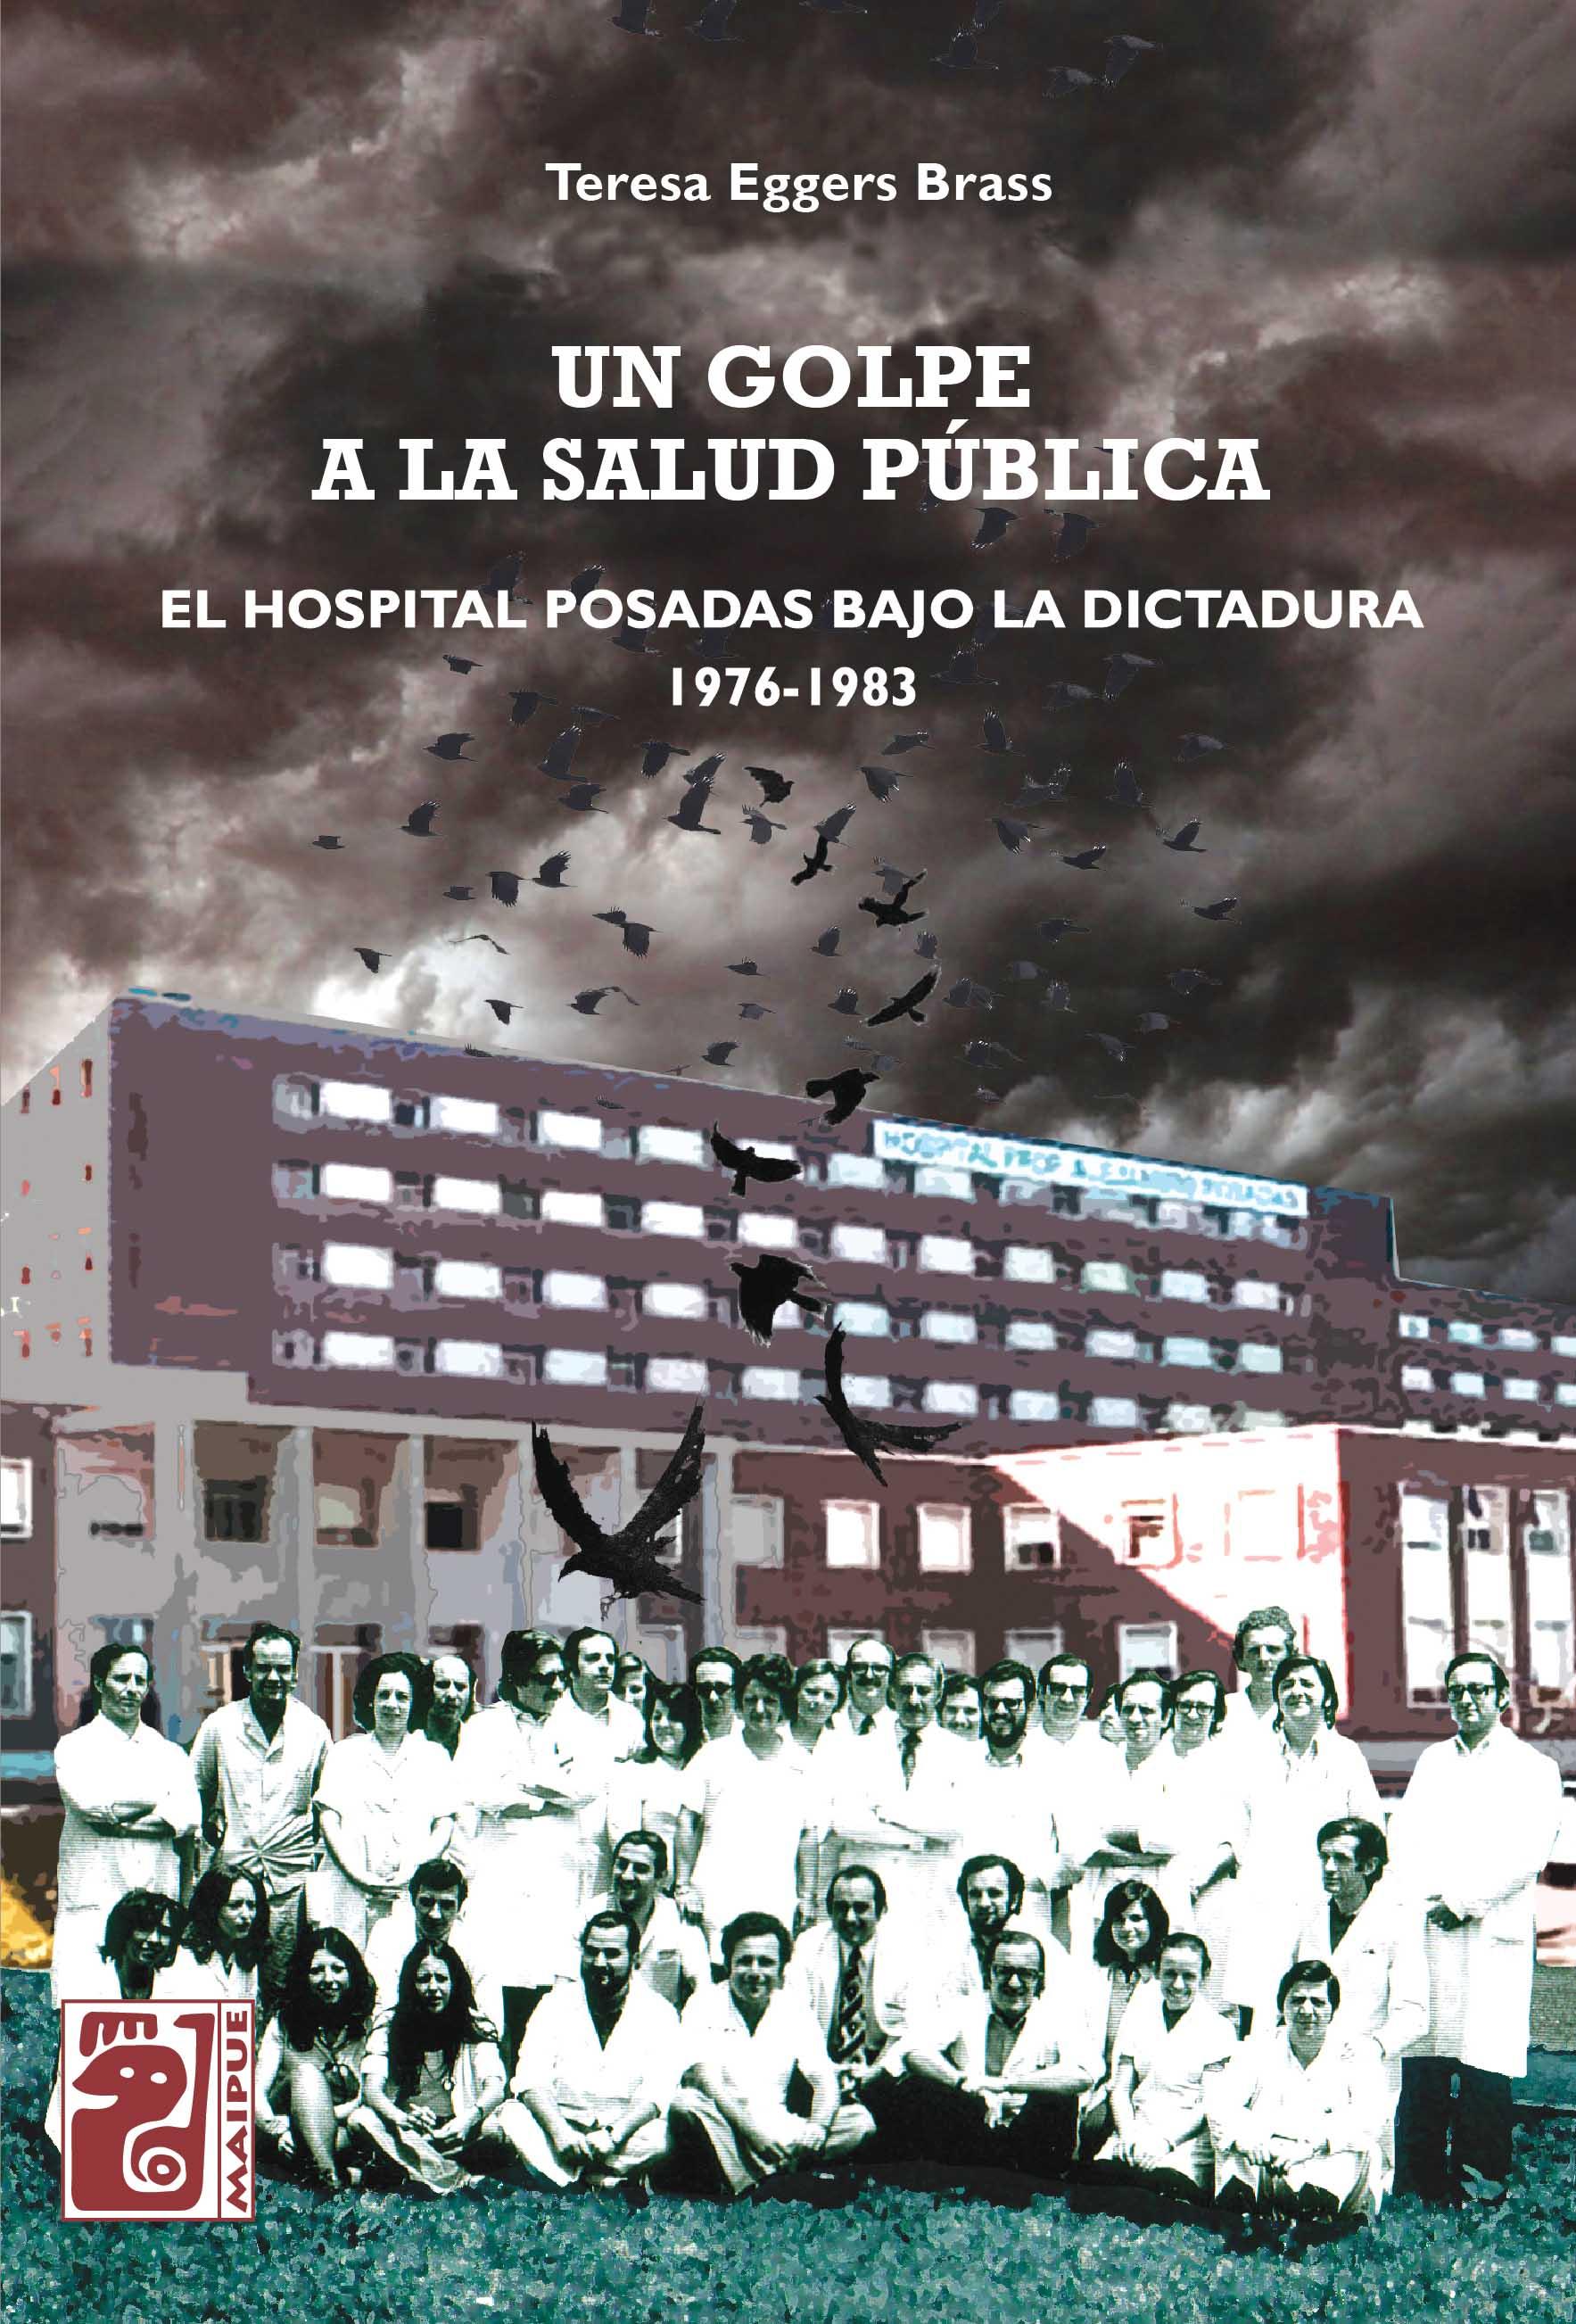 Un golpe a la salud pública